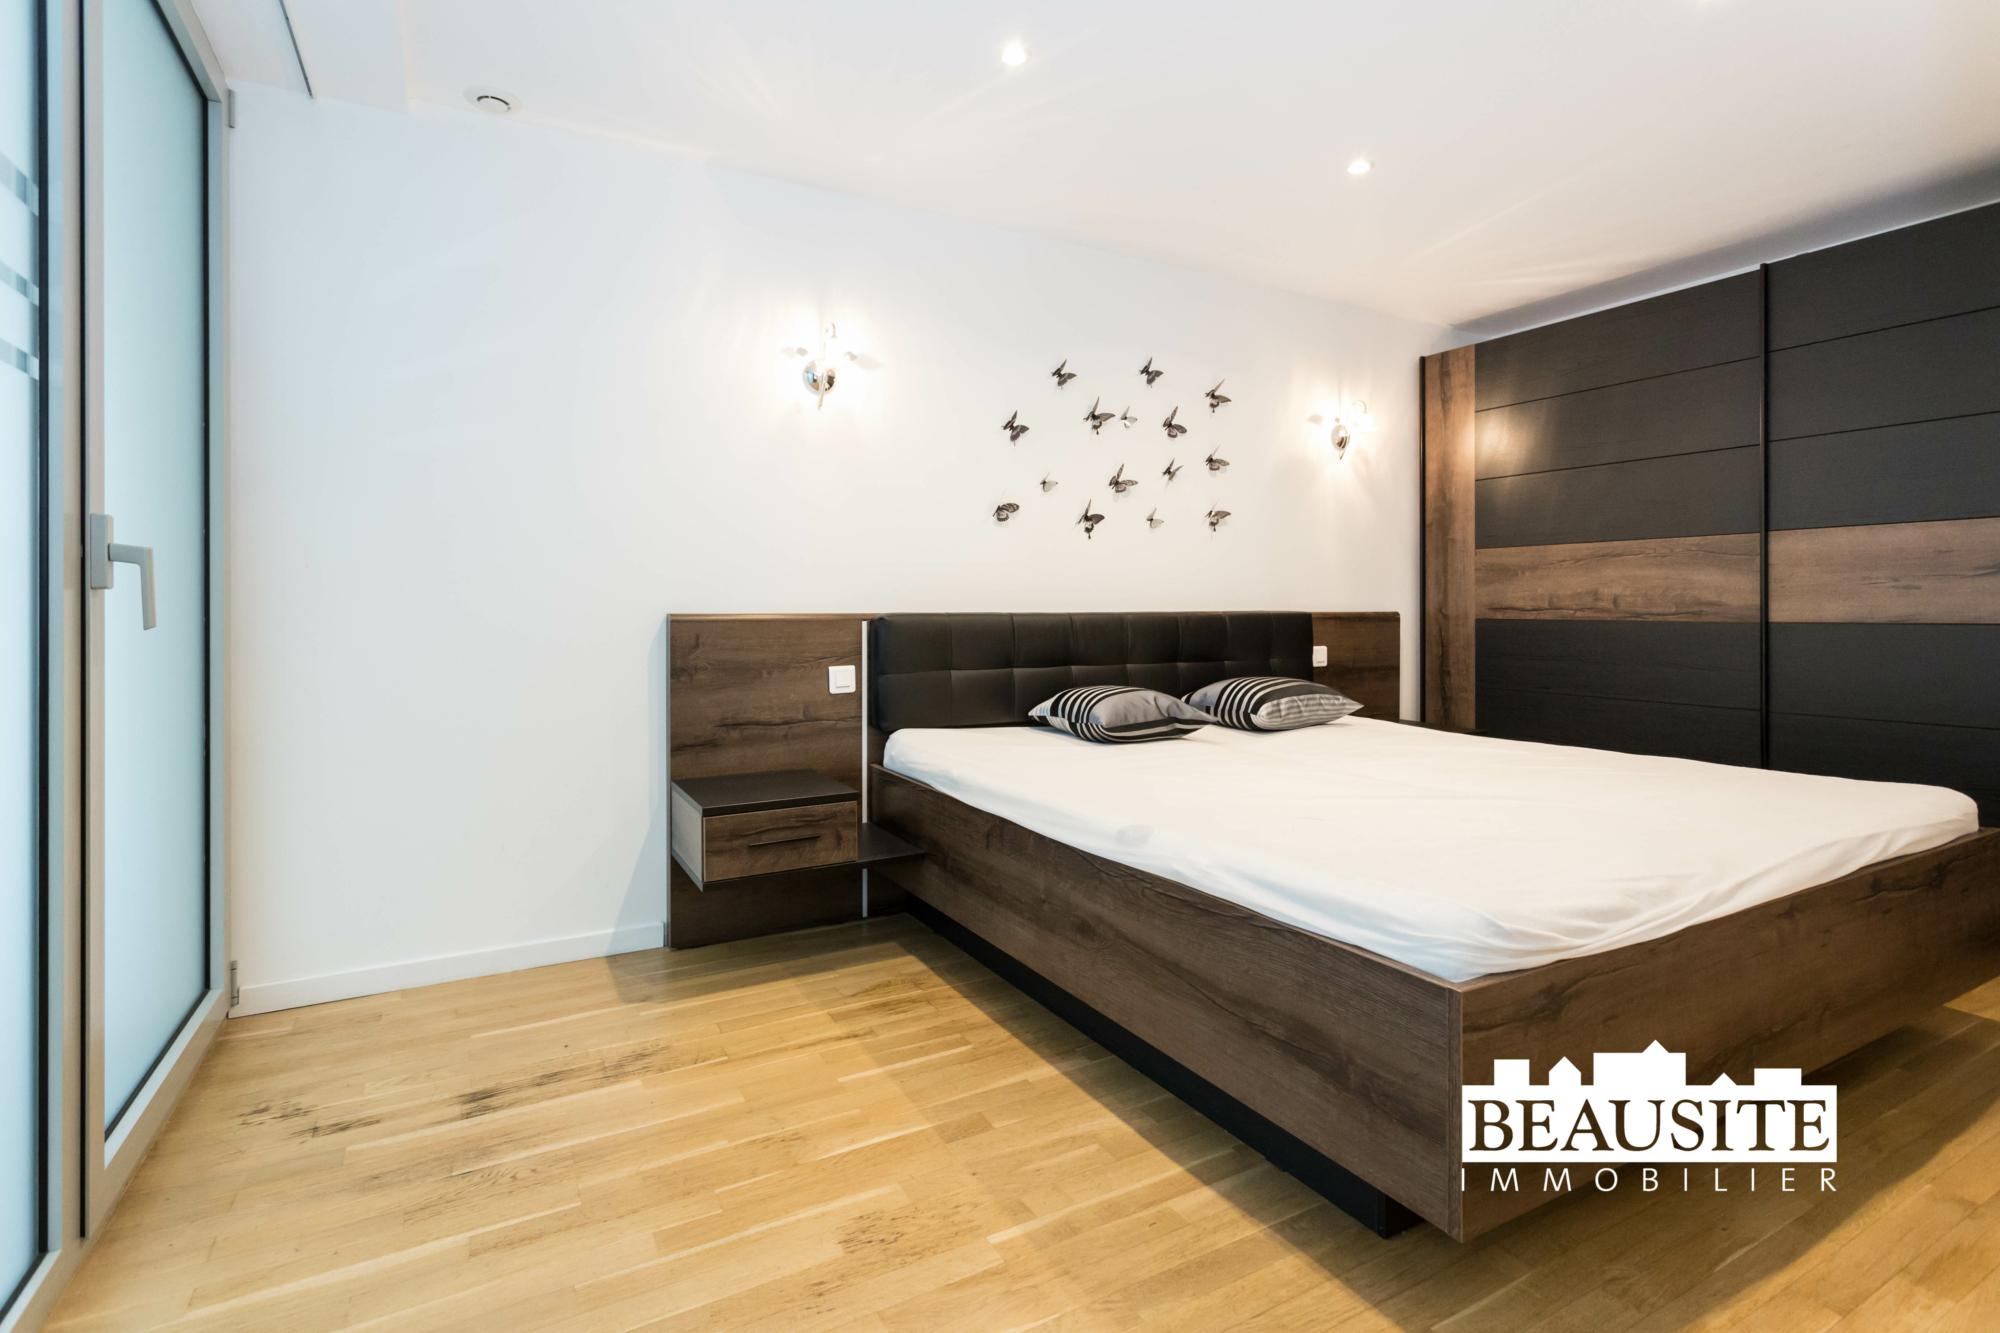 [Plaza] Beau local professionnel dans l'hypercentre de Strasbourg - rue du Noyer - nos ventes - Beausite Immobilier 7